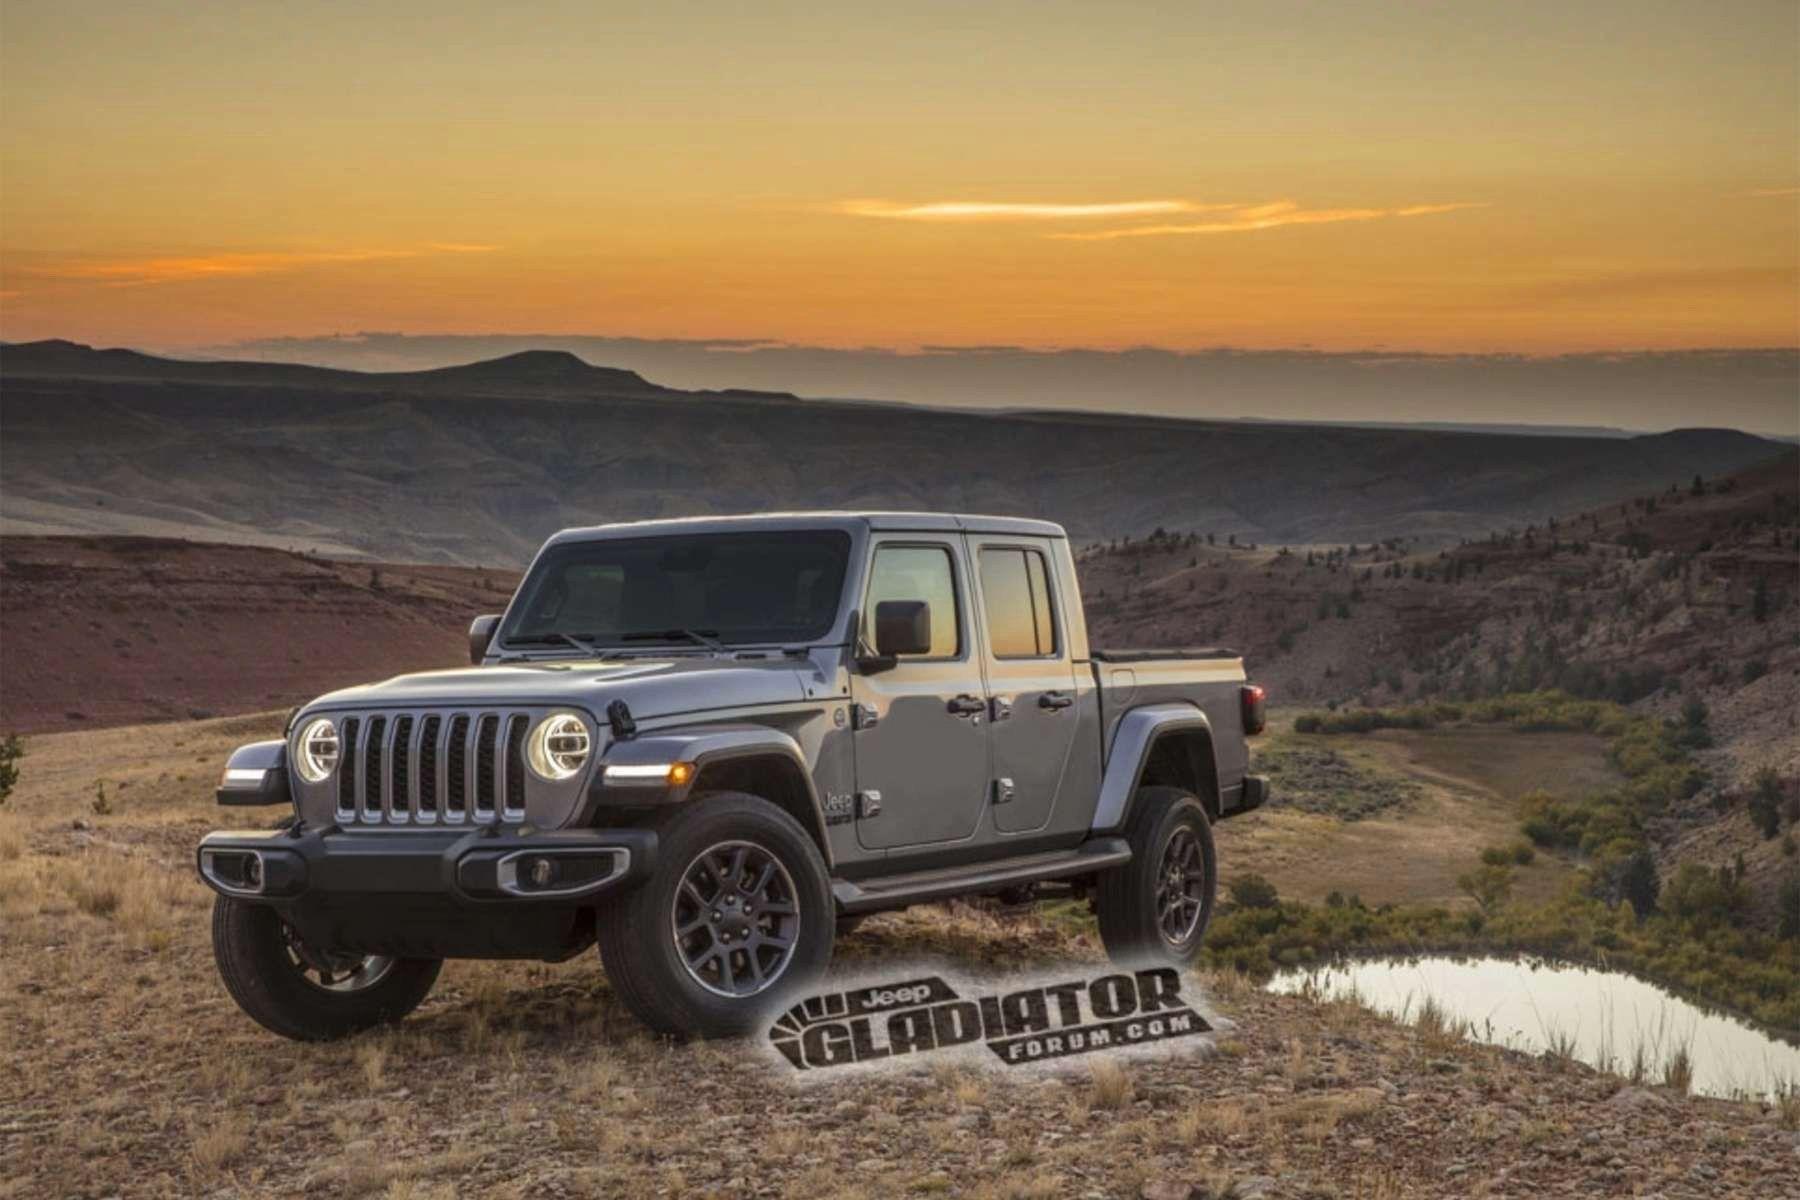 Jeep Truck Live Reveal Today Jeep Gladiator Wrangler Pickup Jeep Wrangler Pickup